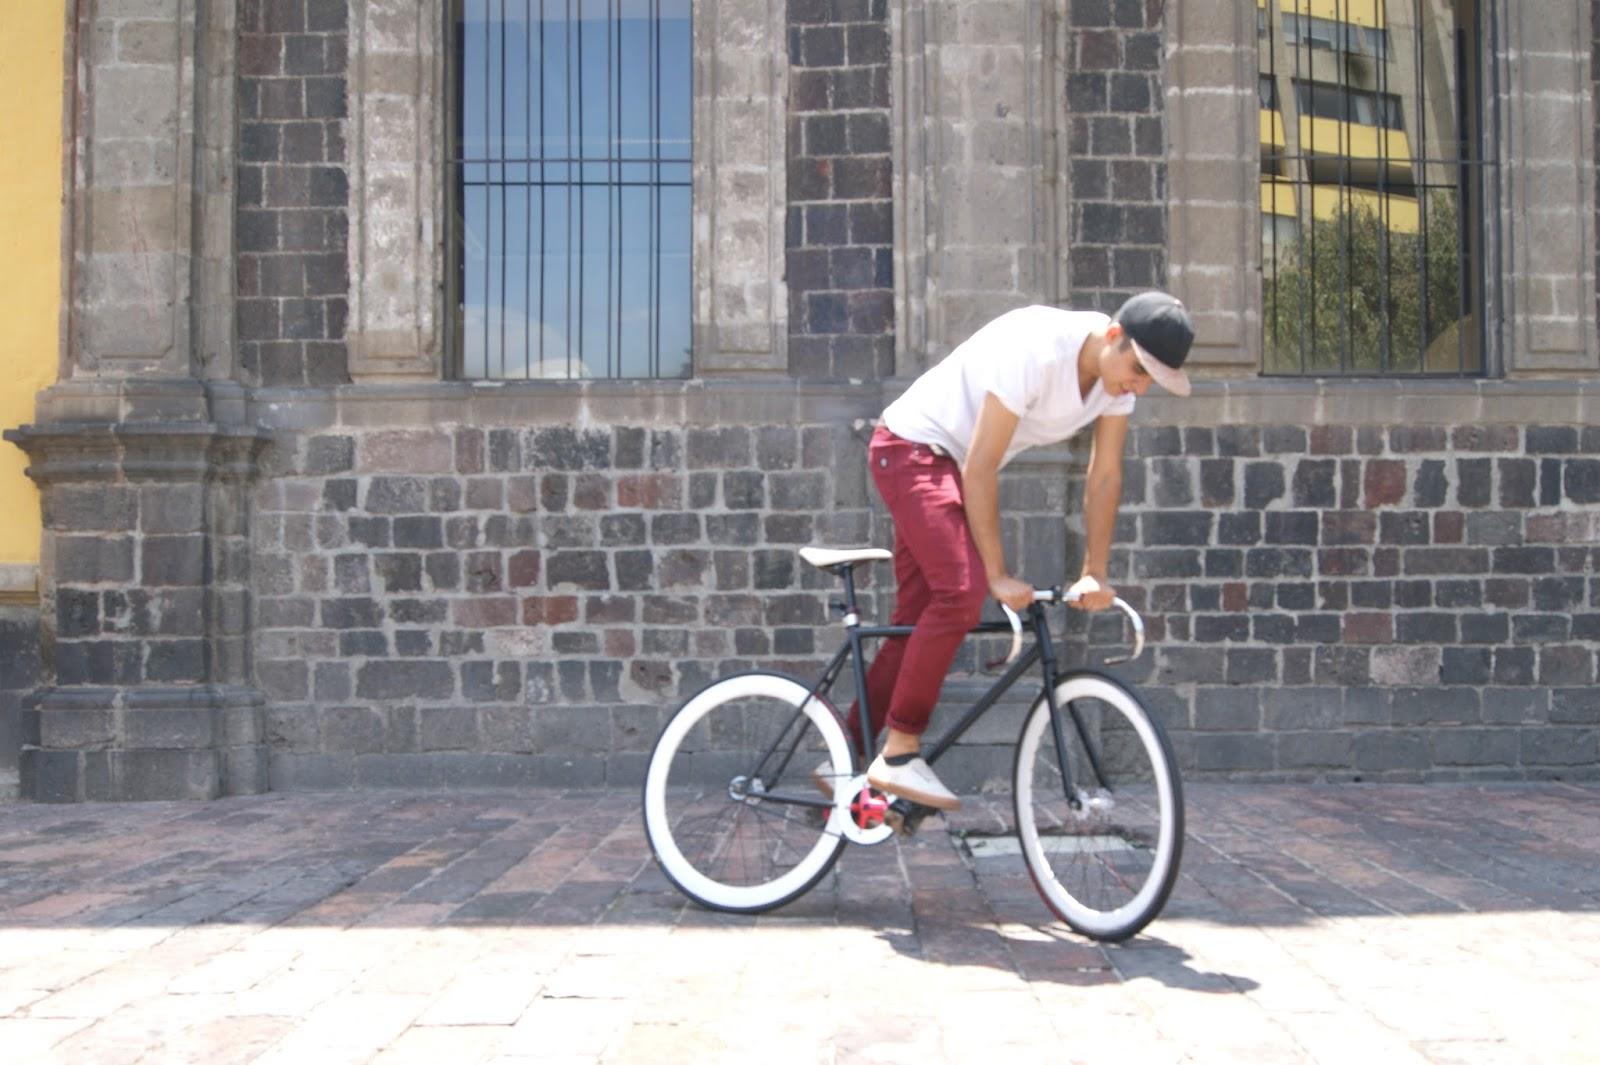 ride bike fixed